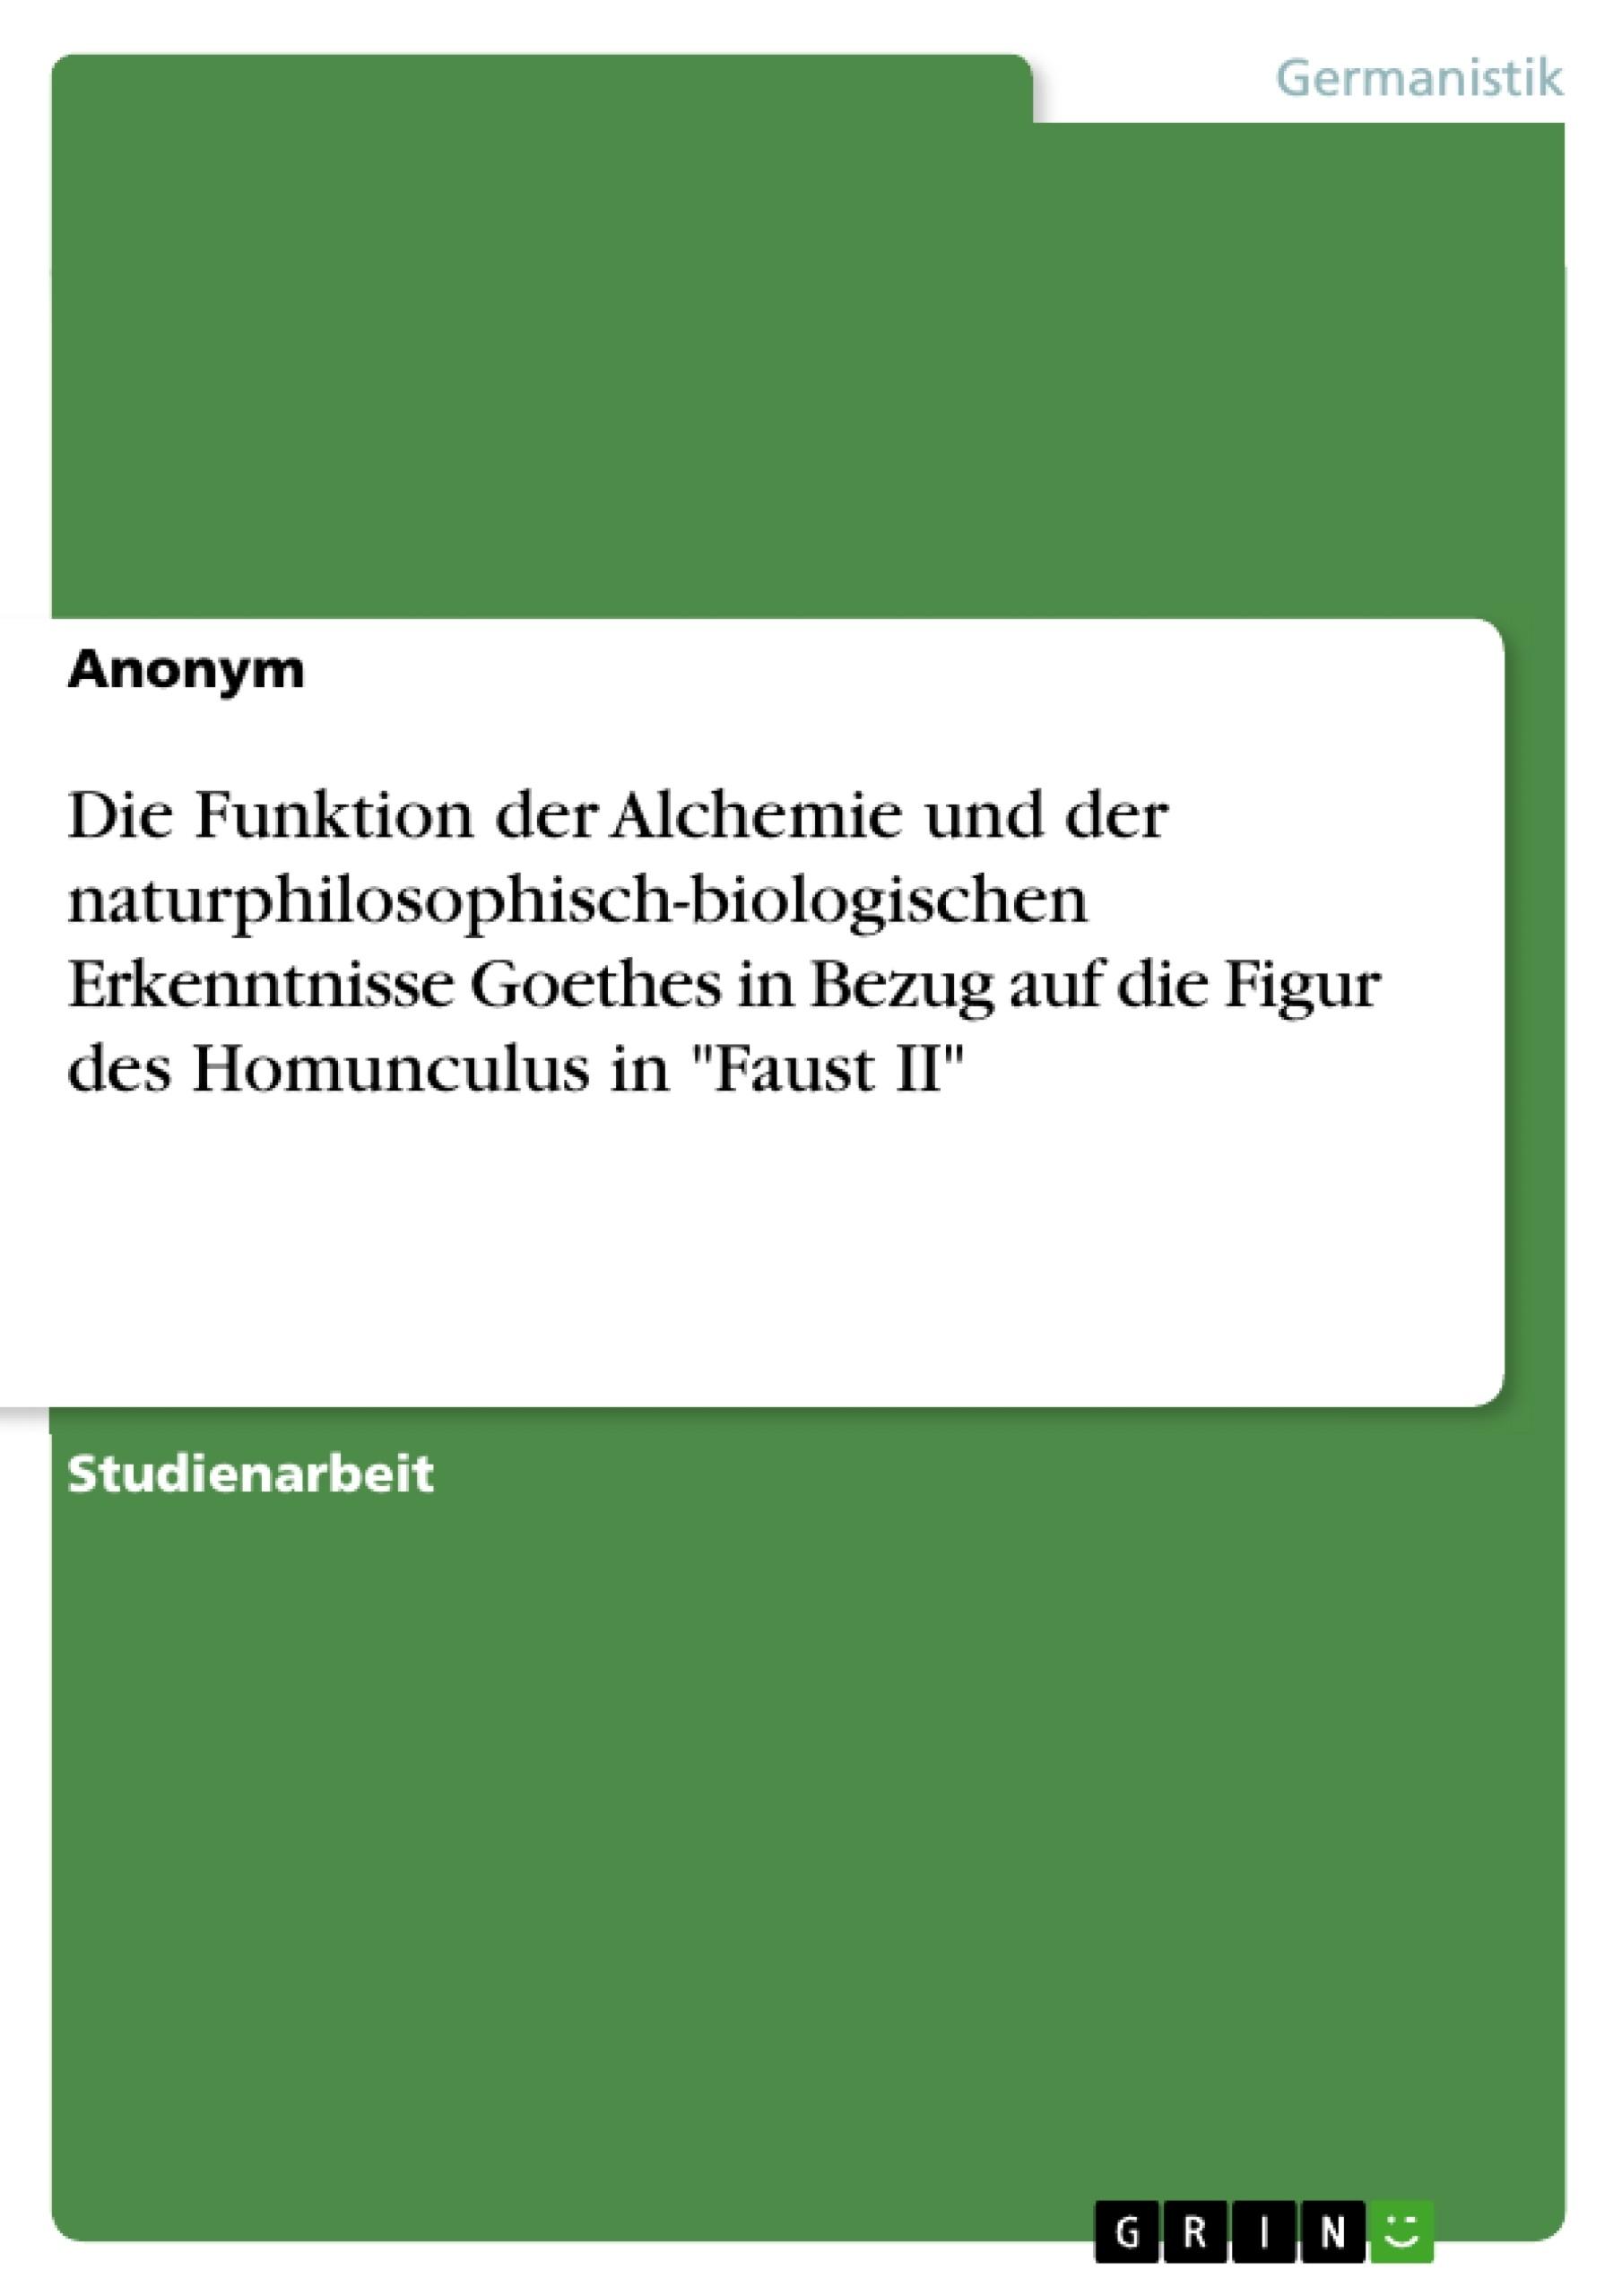 """Titel: Die Funktion der Alchemie und der naturphilosophisch-biologischen Erkenntnisse Goethes in Bezug auf die Figur des Homunculus in """"Faust II"""""""